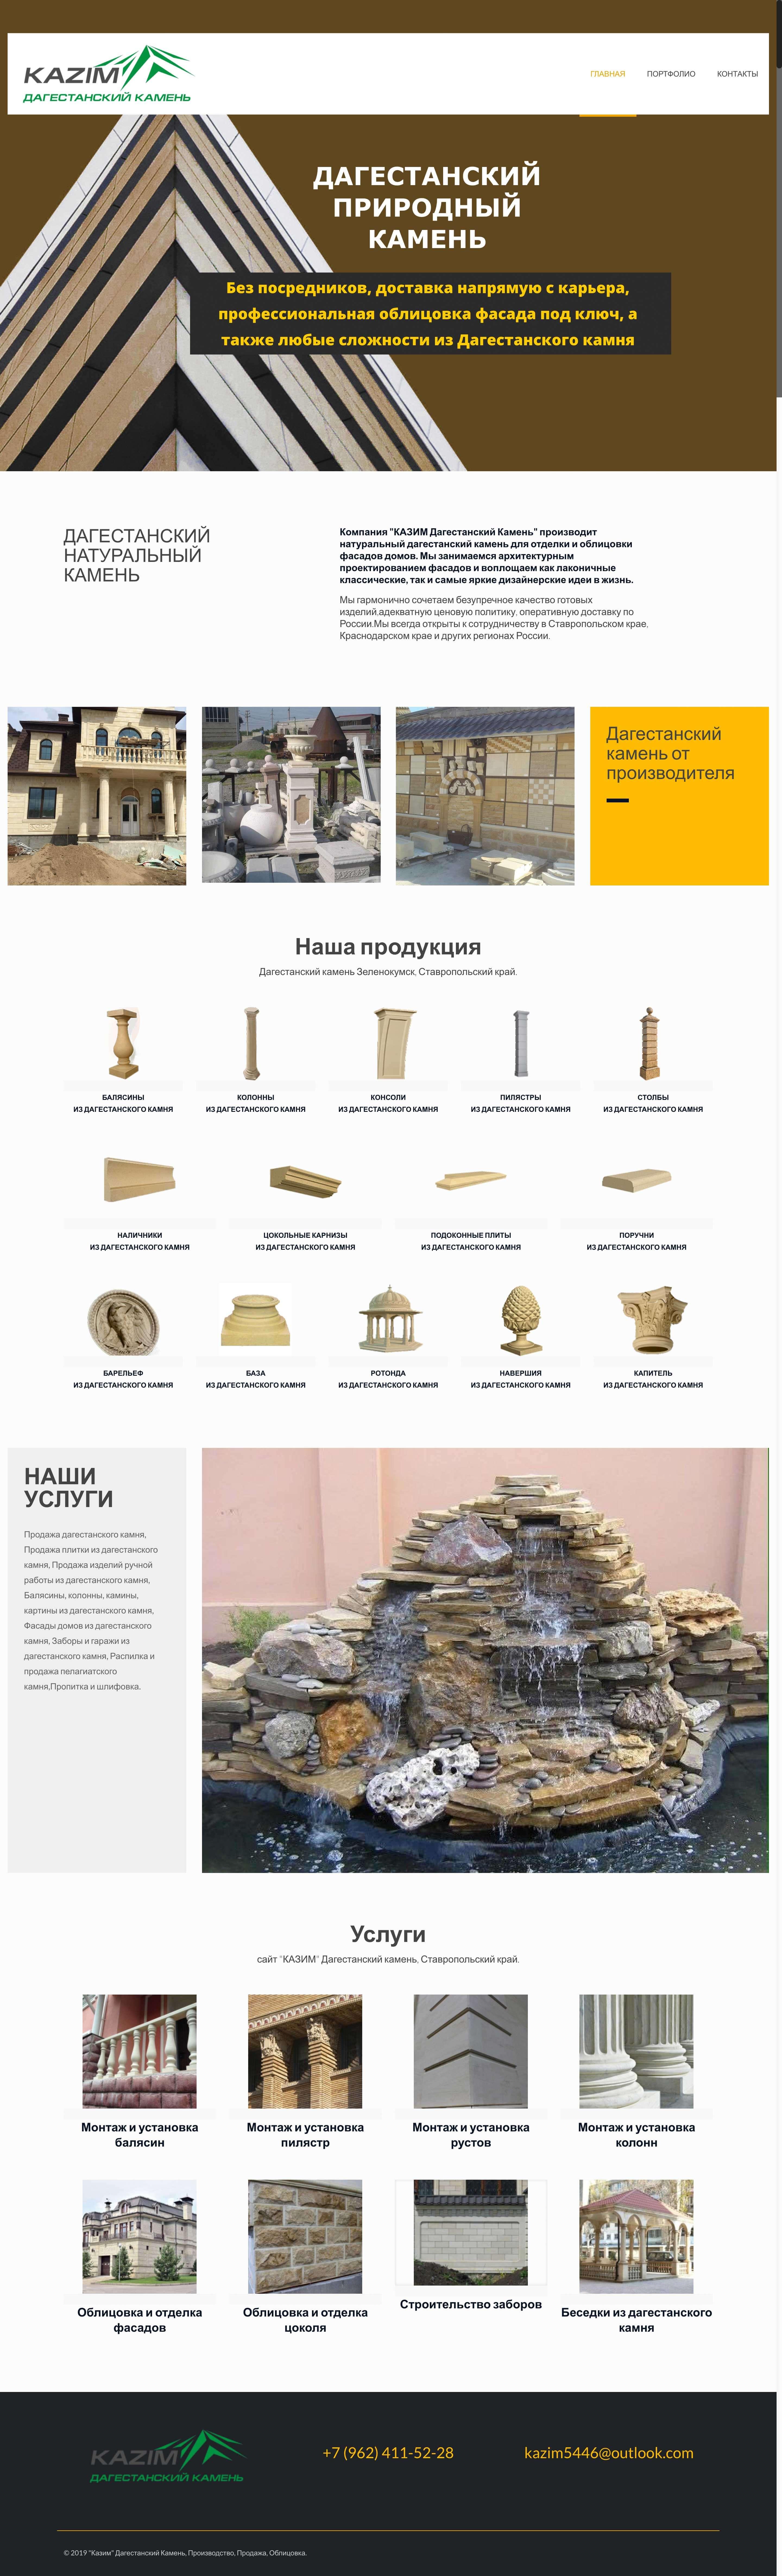 """Сайт компании """"Казим"""" по производству и облицовке Дагестанским камнем"""